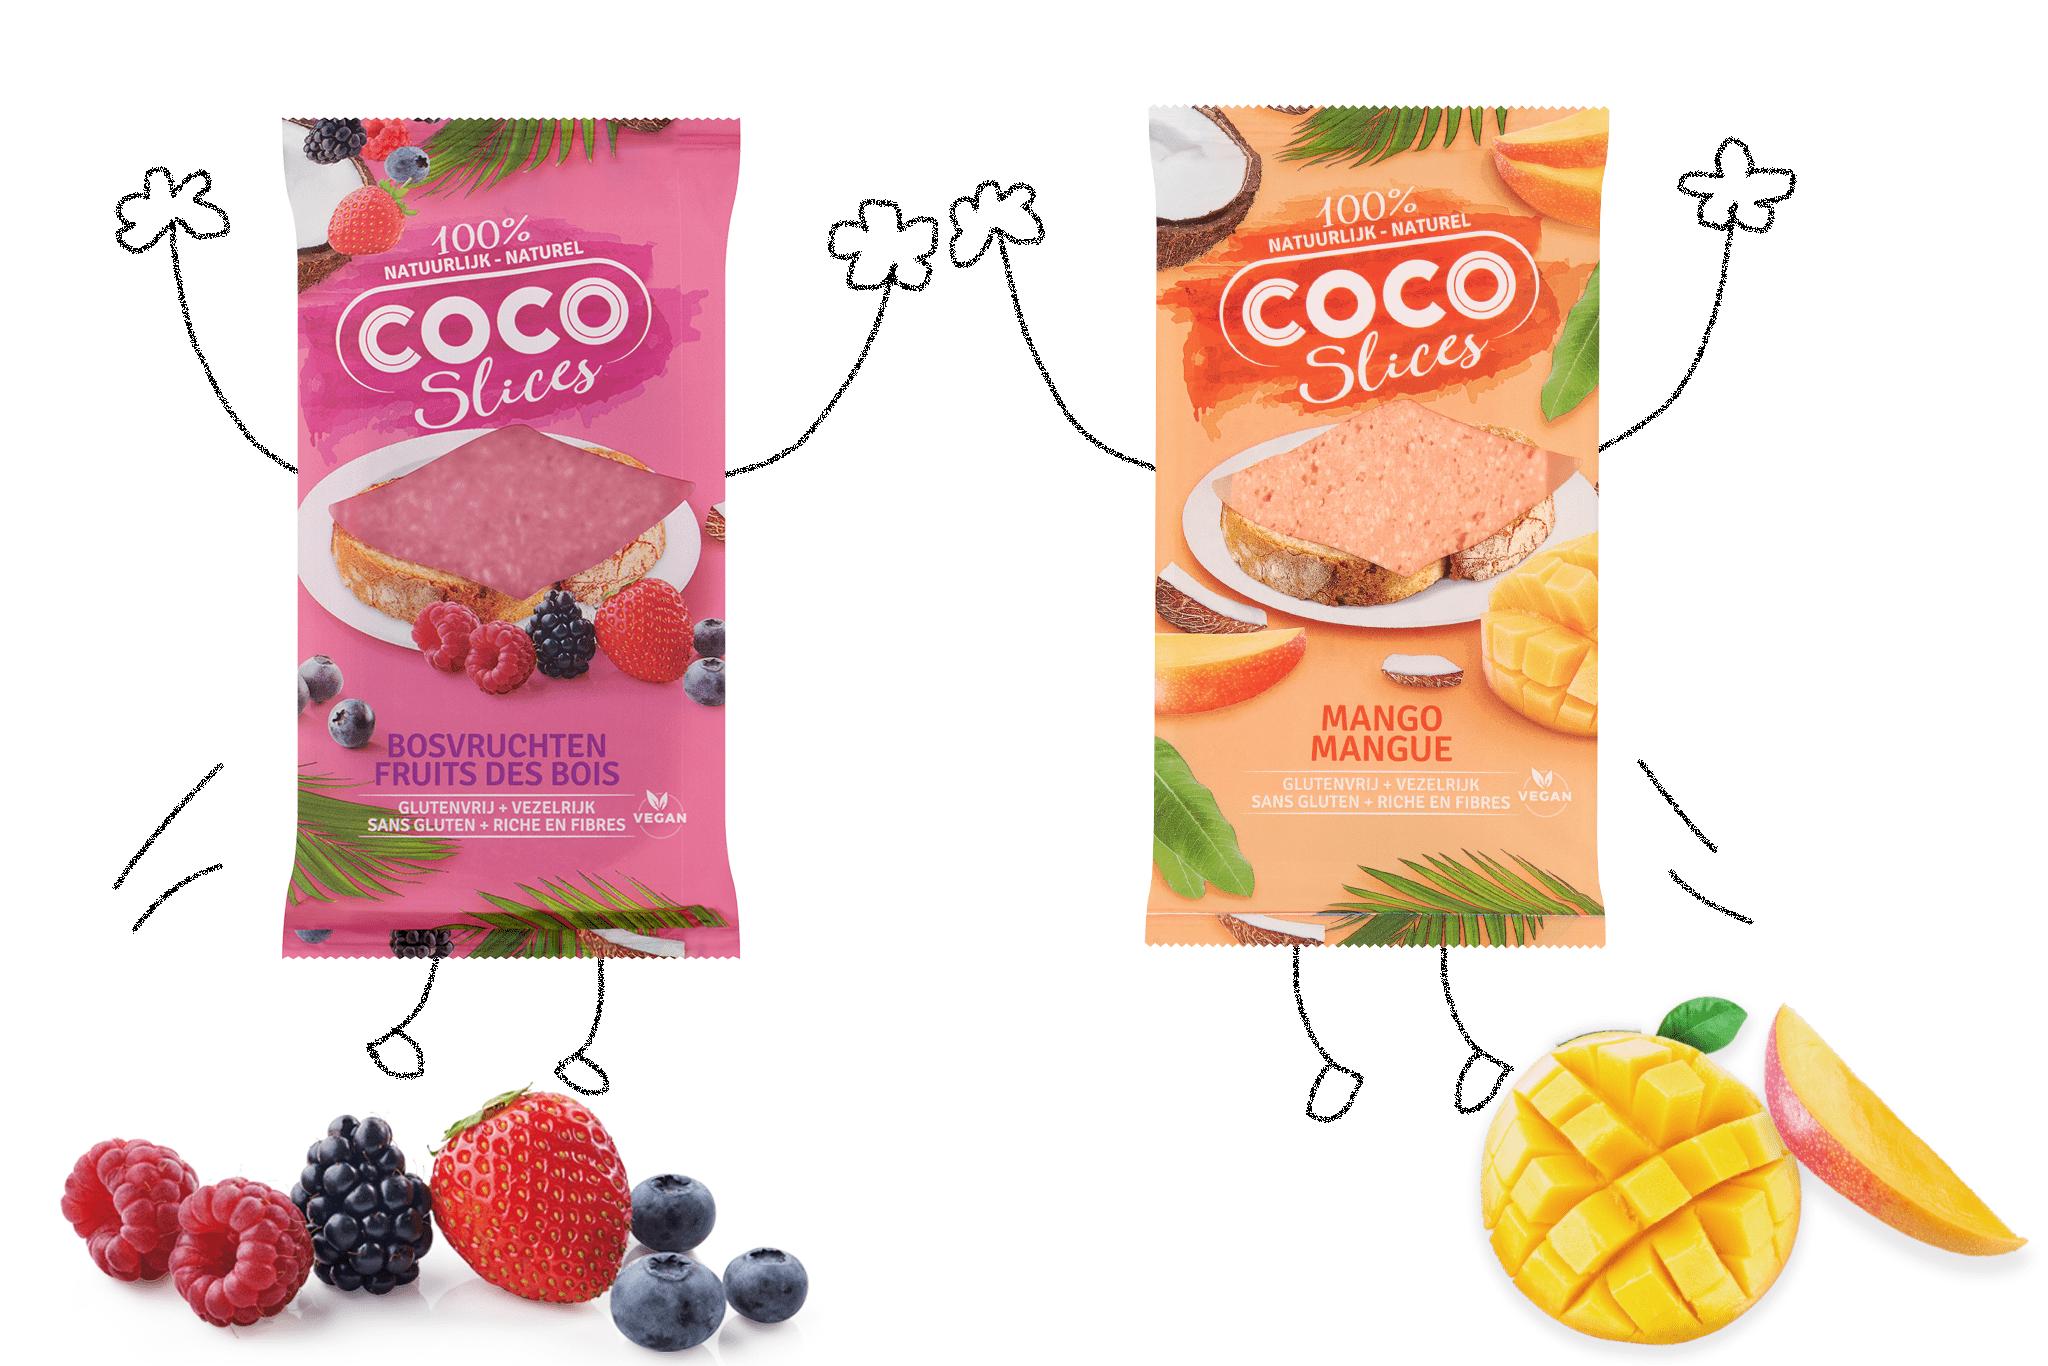 Coco Slices bosvruchten en mango